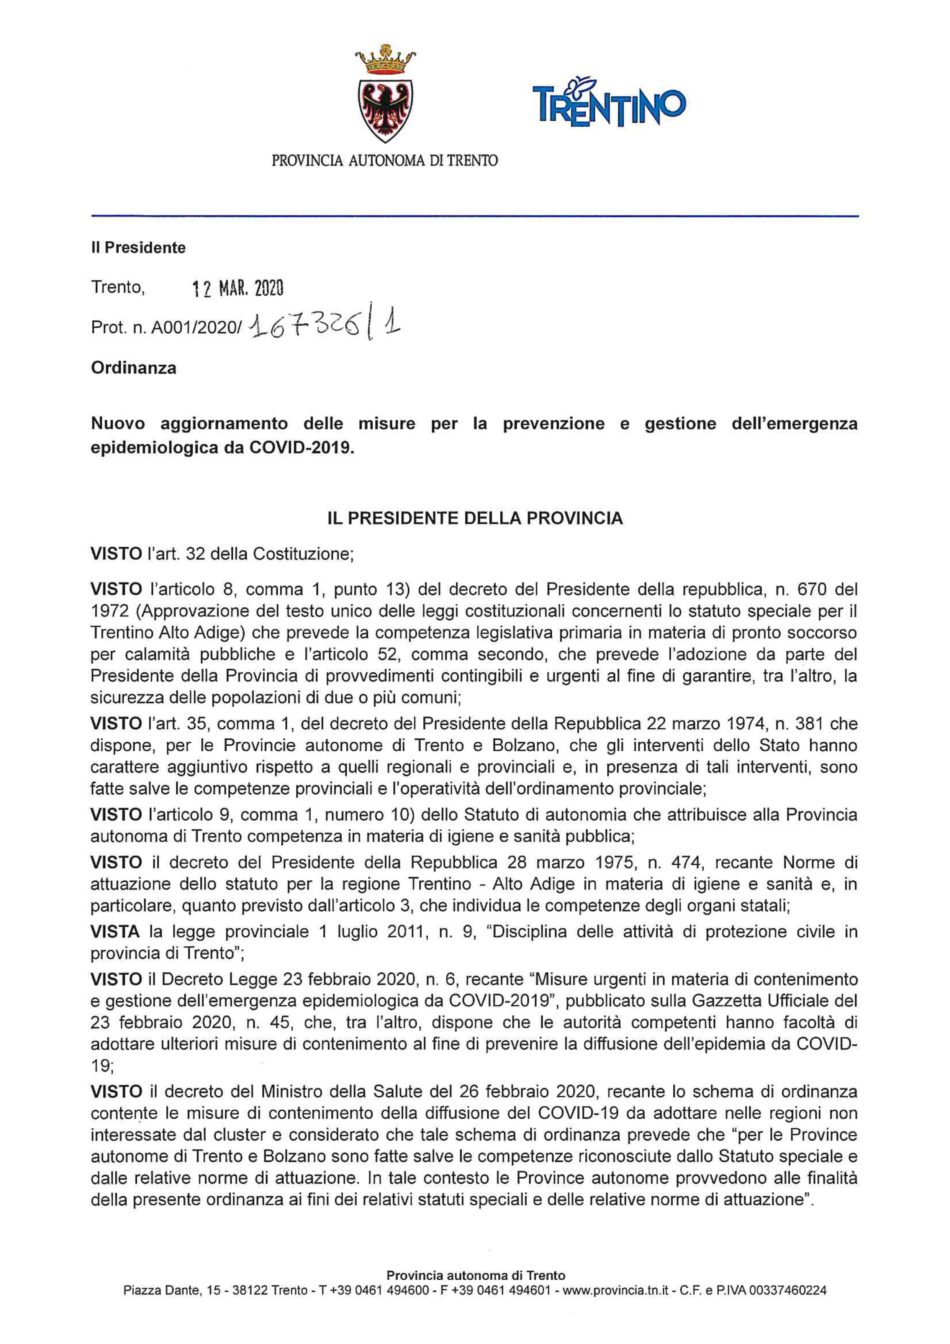 Coronavirus: nuova ordinanza del presidente Fugatti. Previste anche misure per il trasporto pubblico